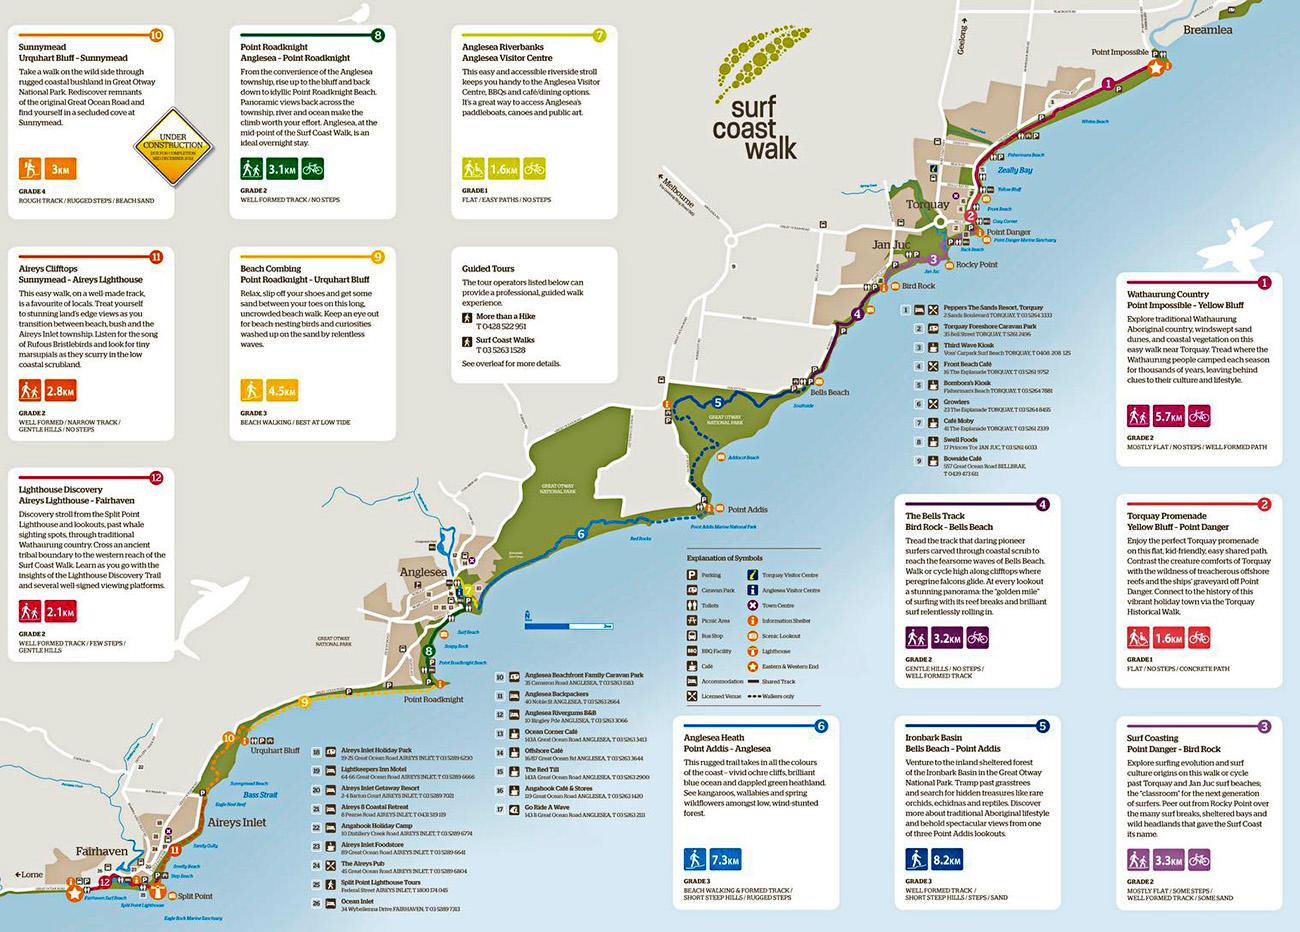 Австралия Большая Океанская дорога пеший трек карта